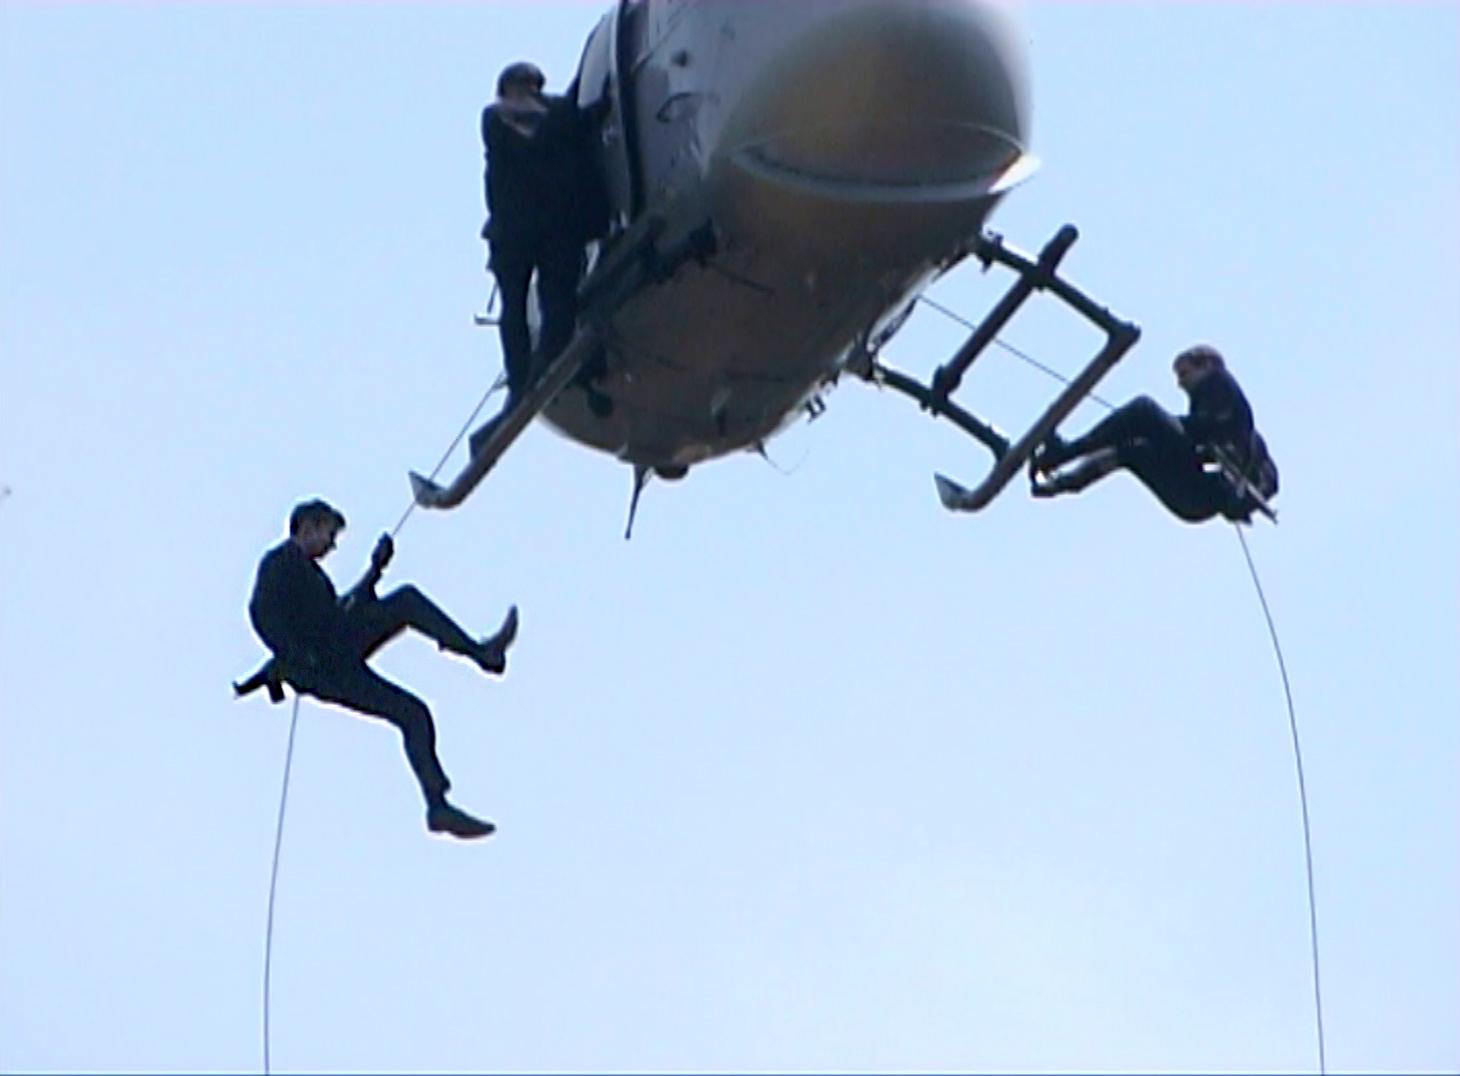 Martin Goeres, Abseilen, Hubschrauber